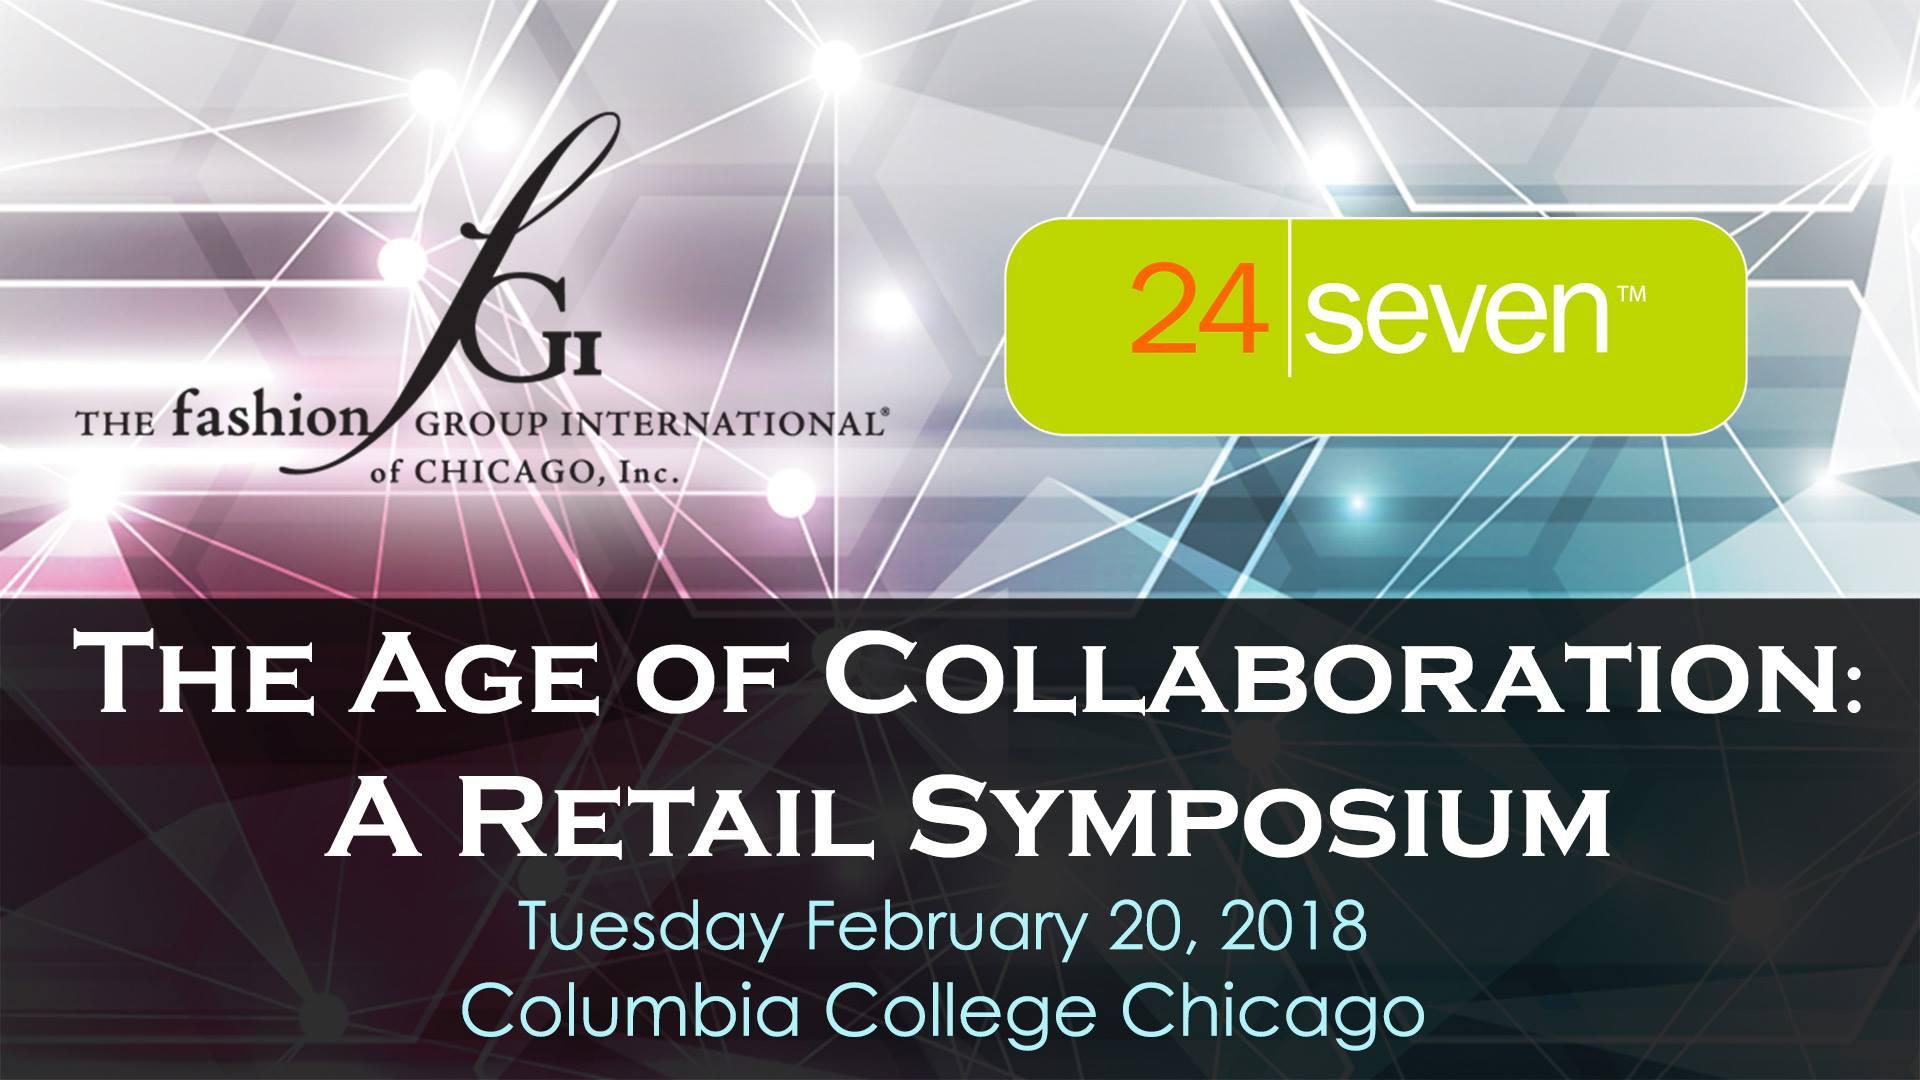 retail_symposium_february_monthlyguide_18